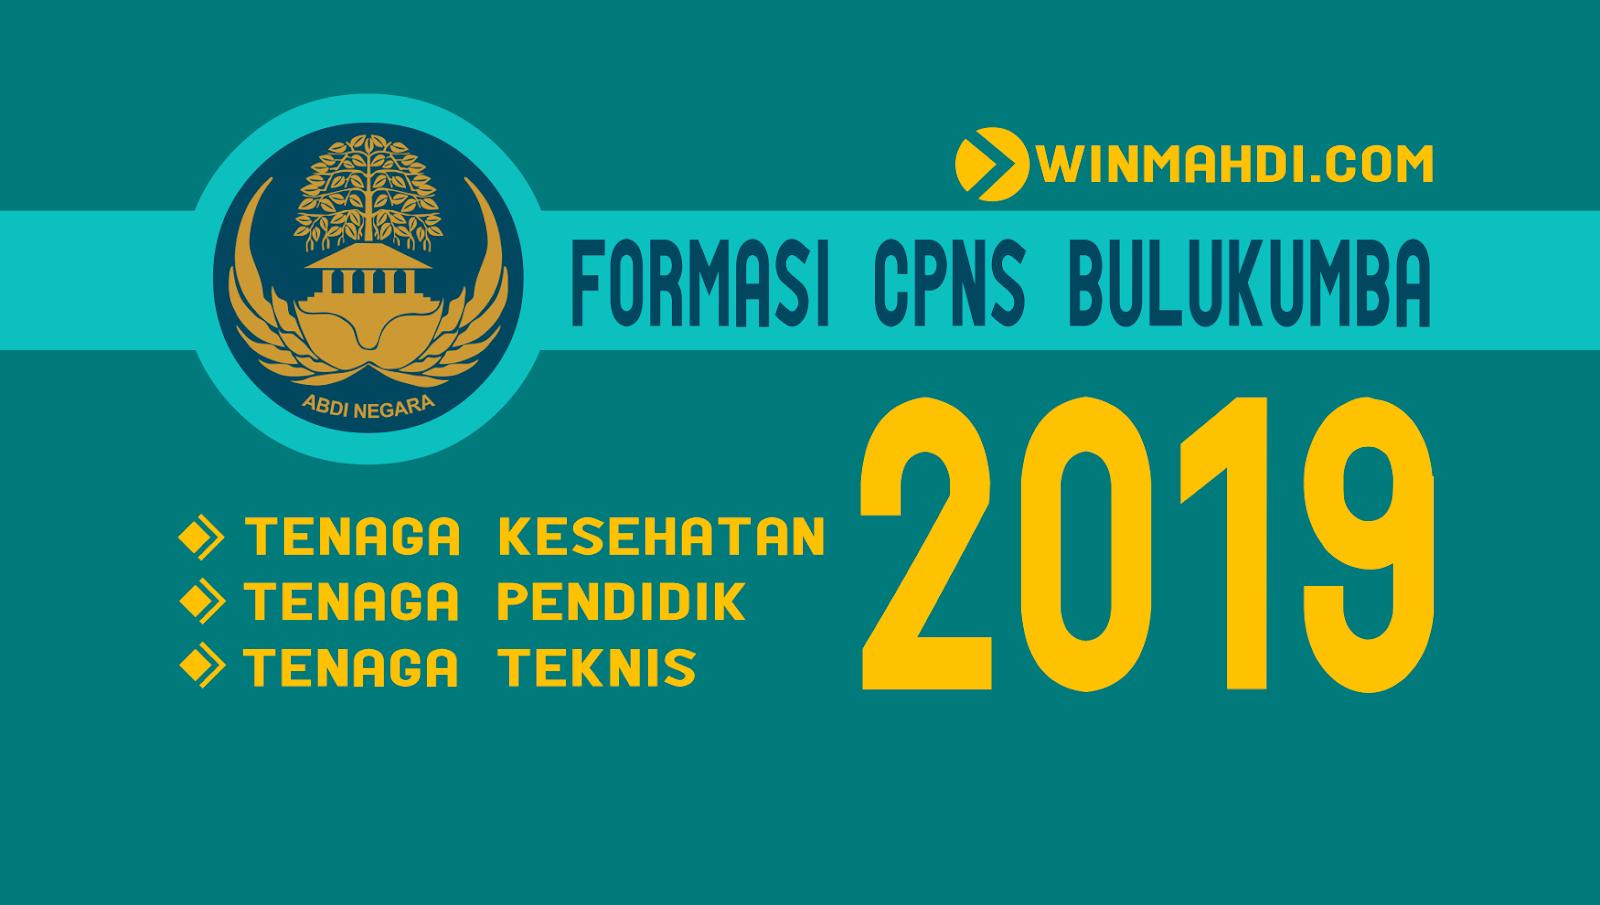 Daftar Formasi CPNS 2019 Bulukumba